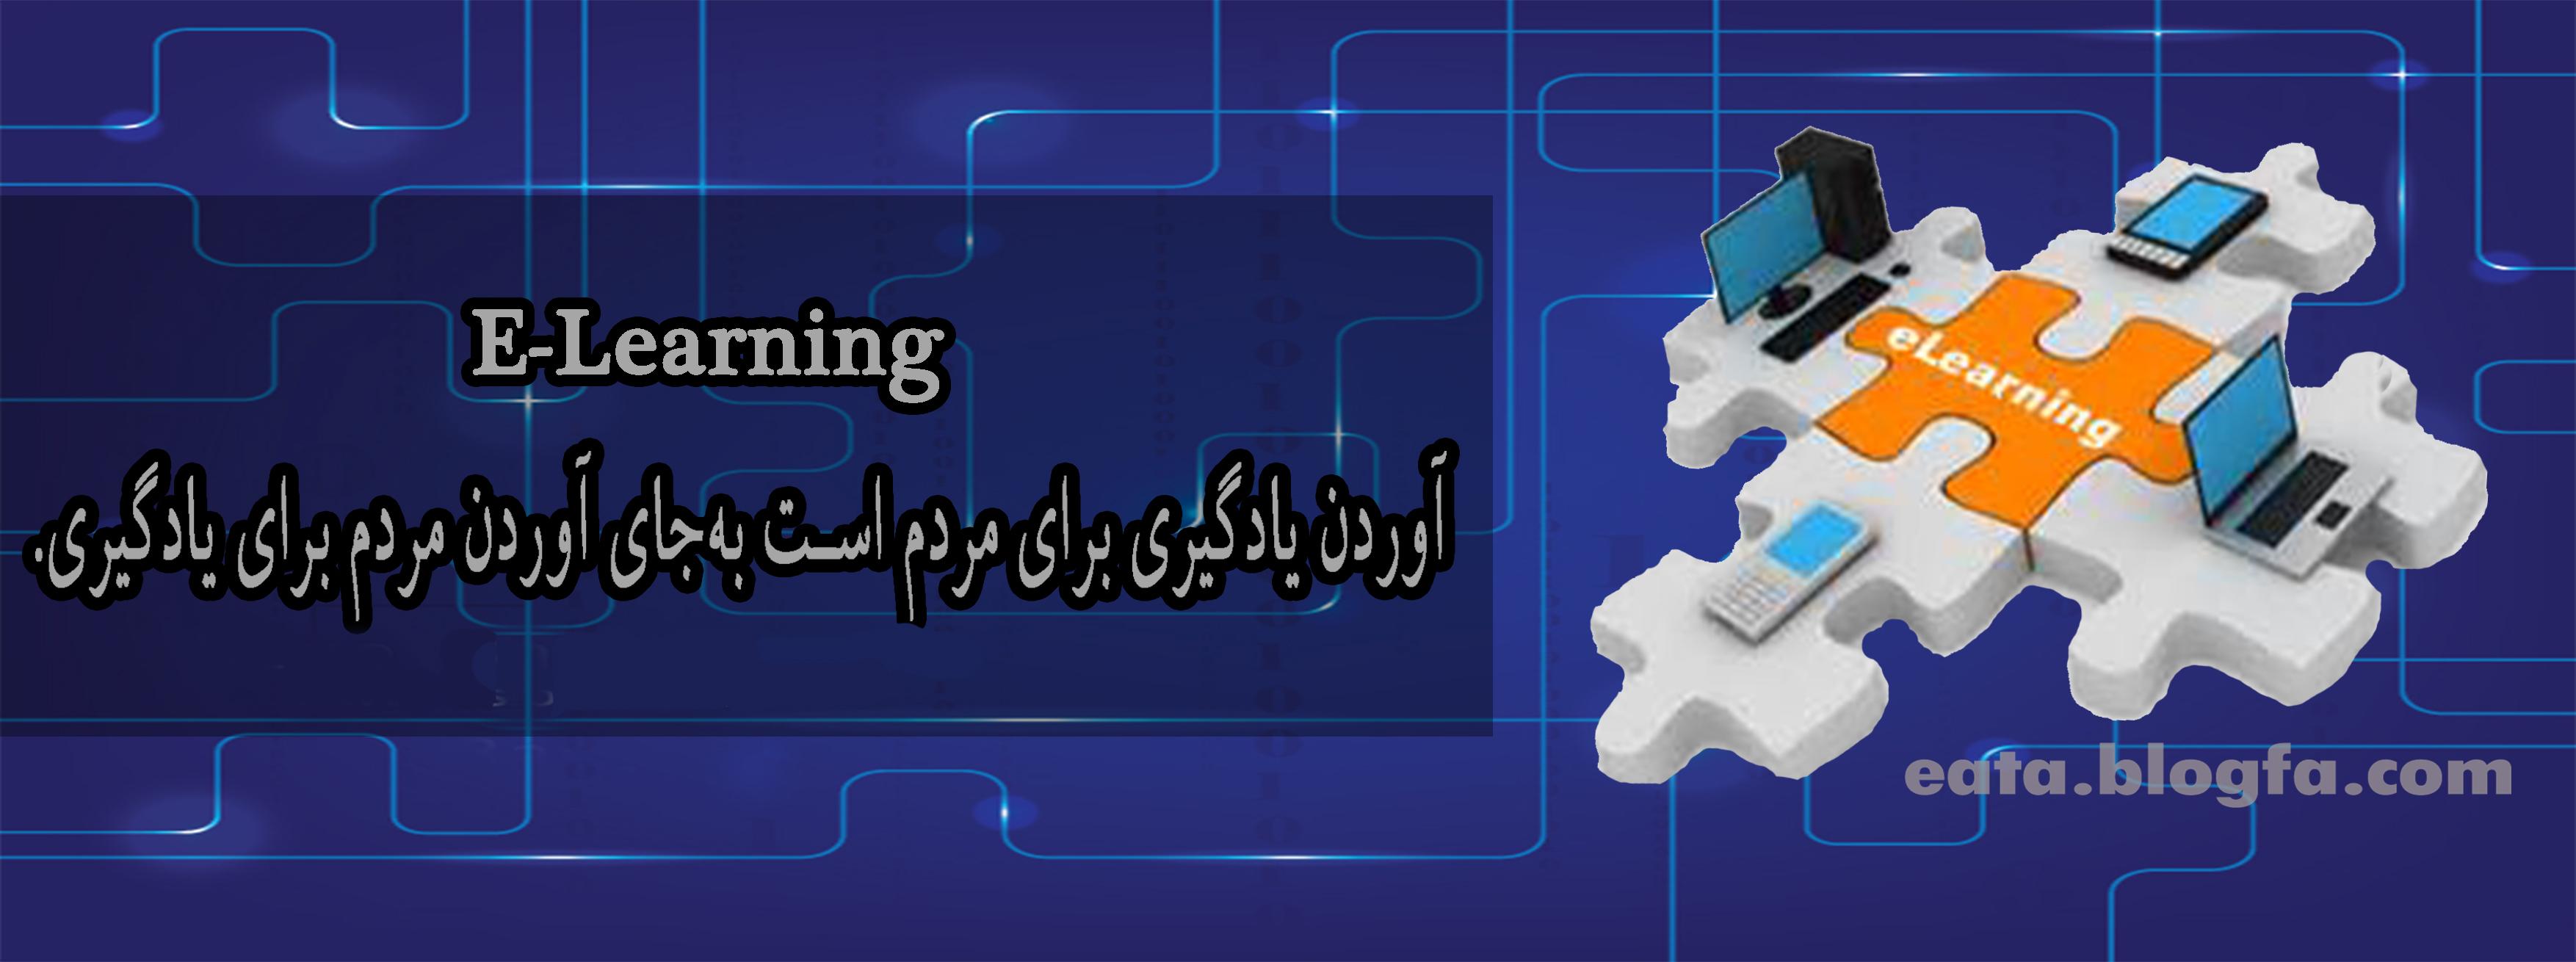 http://www.uplooder.net/img/image/4/ac551380d27729ab924bf10b70b44d36/E-learning.jpg